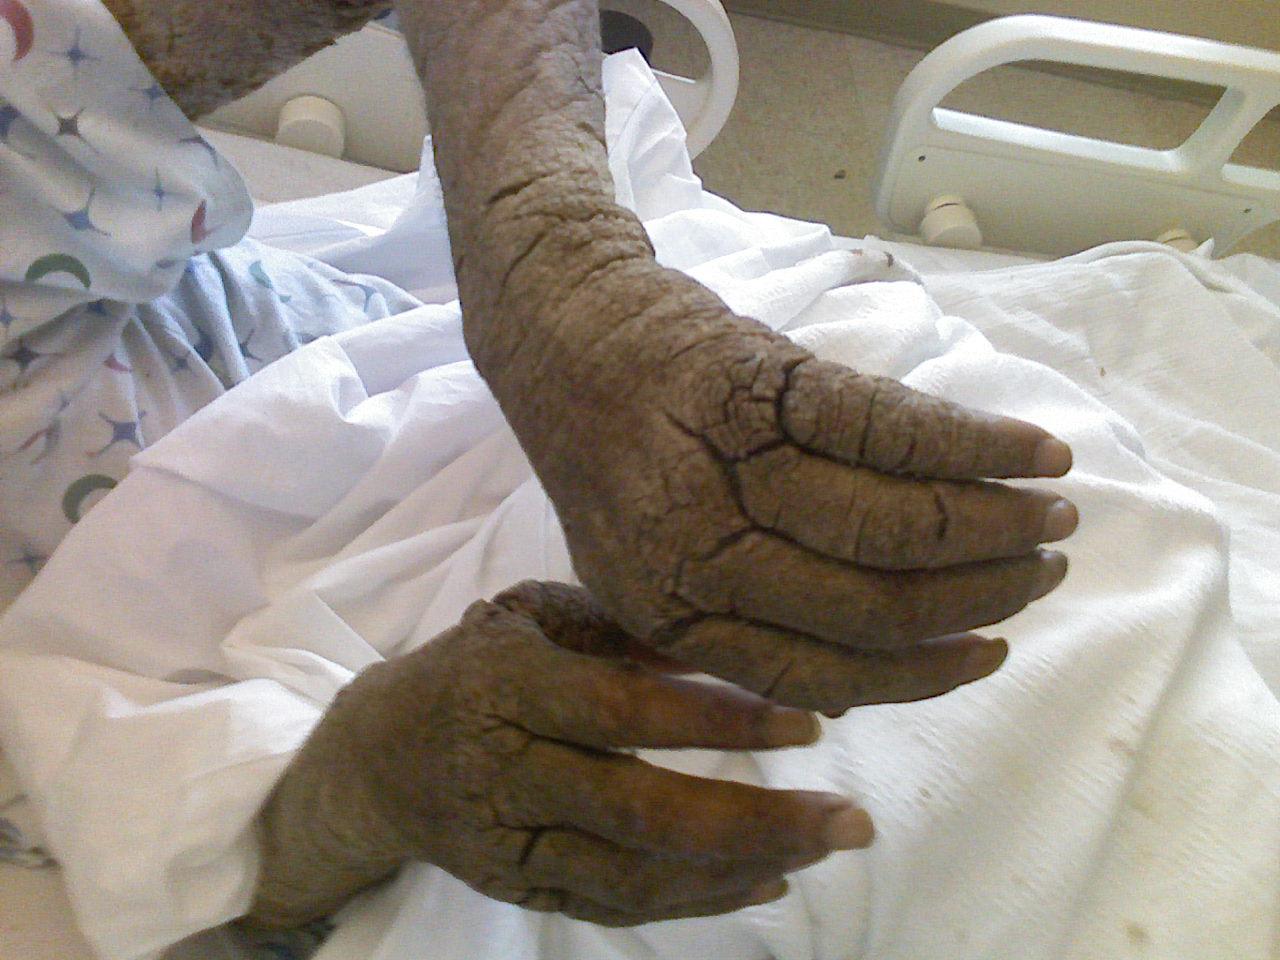 gyógyítani a pikkelysömör gyógyítókkal vörös foltok jelennek meg a testen és viszket a fénykép